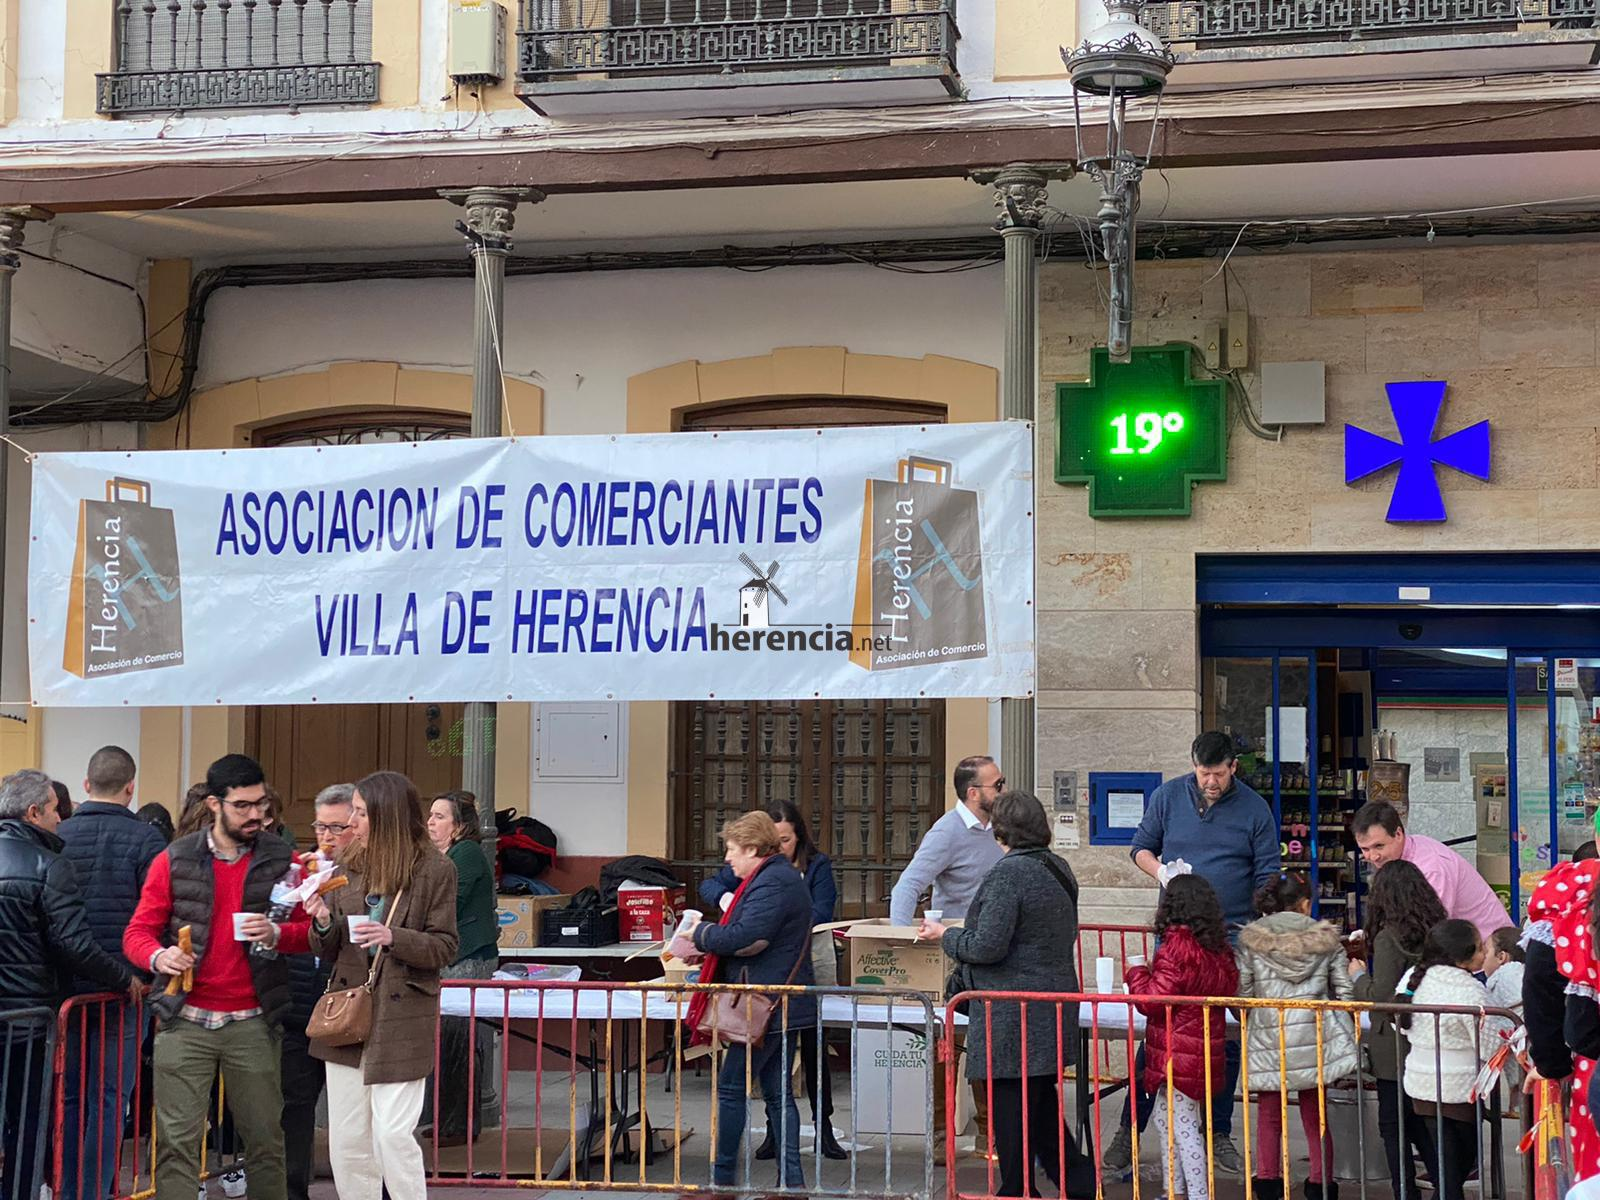 El Domingo de las Deseosas te invita al Carnaval de Herencia 2020 150